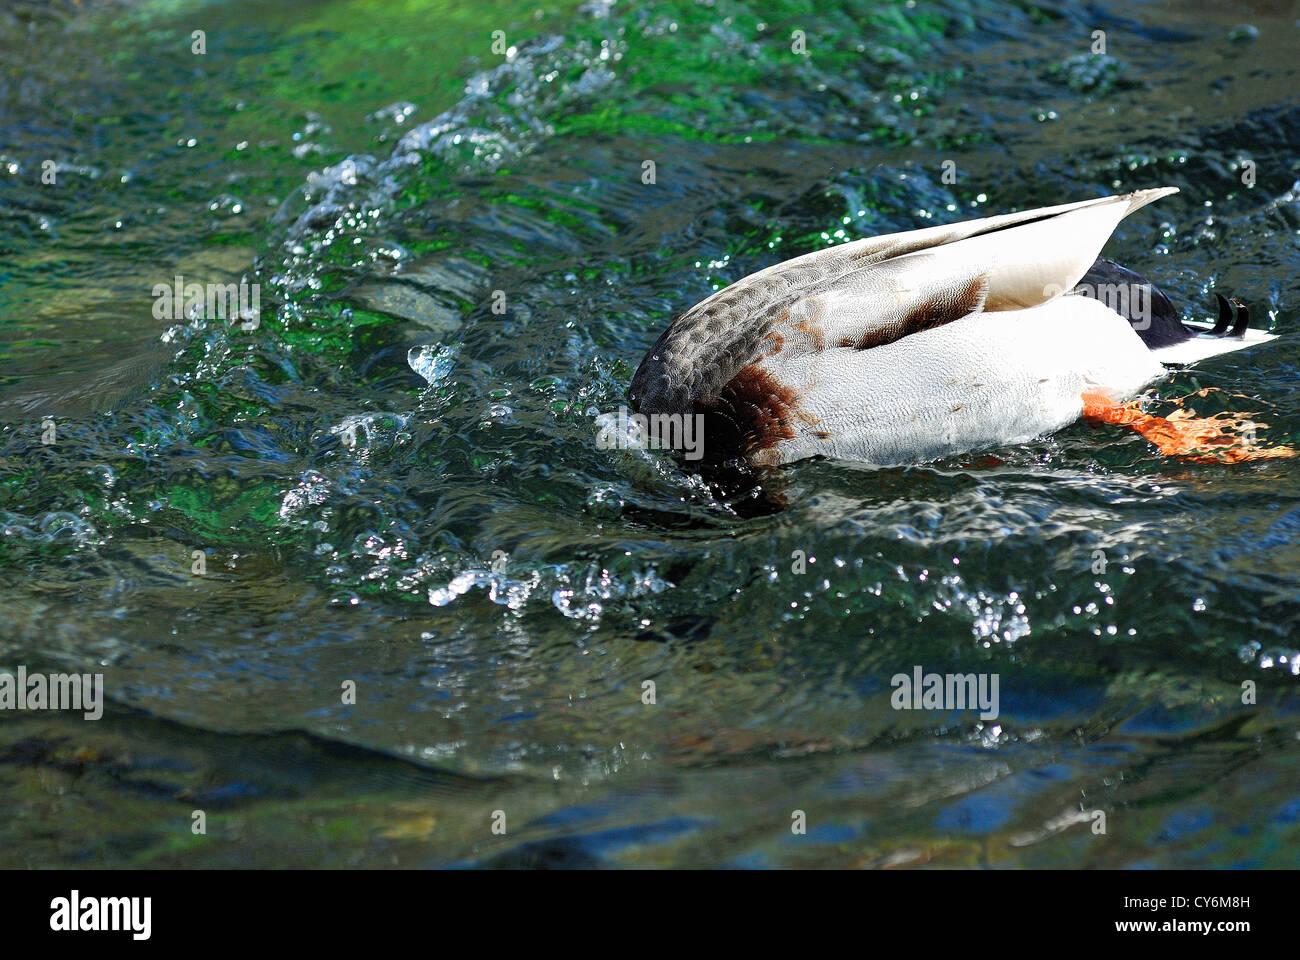 canard a col vert plongeant la tête sous l'eau Vaucluse Provence France 84 - Stock Image